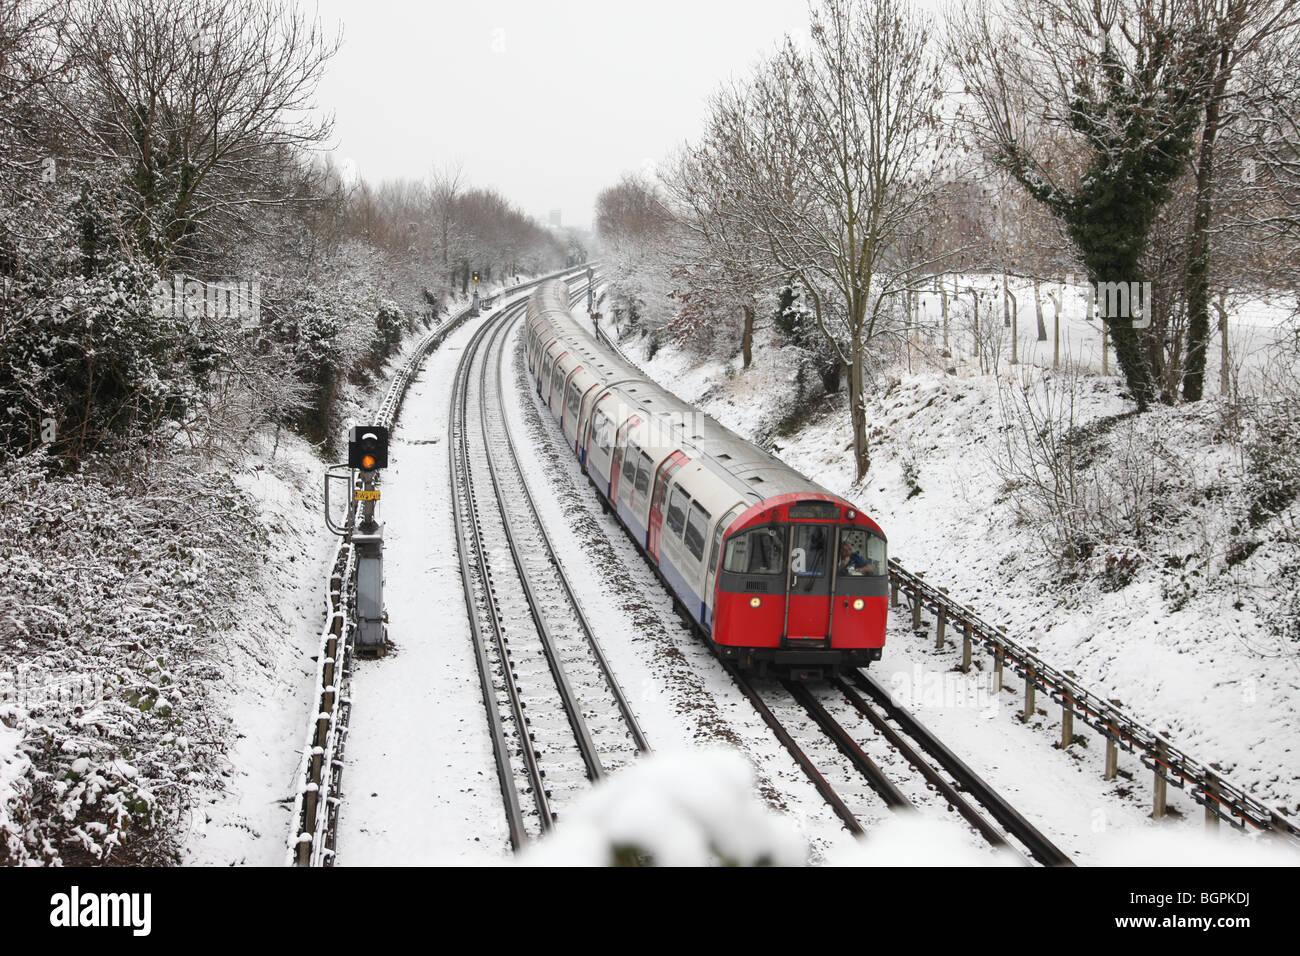 London Underground Tube train en scène couvert de neige Photo Stock